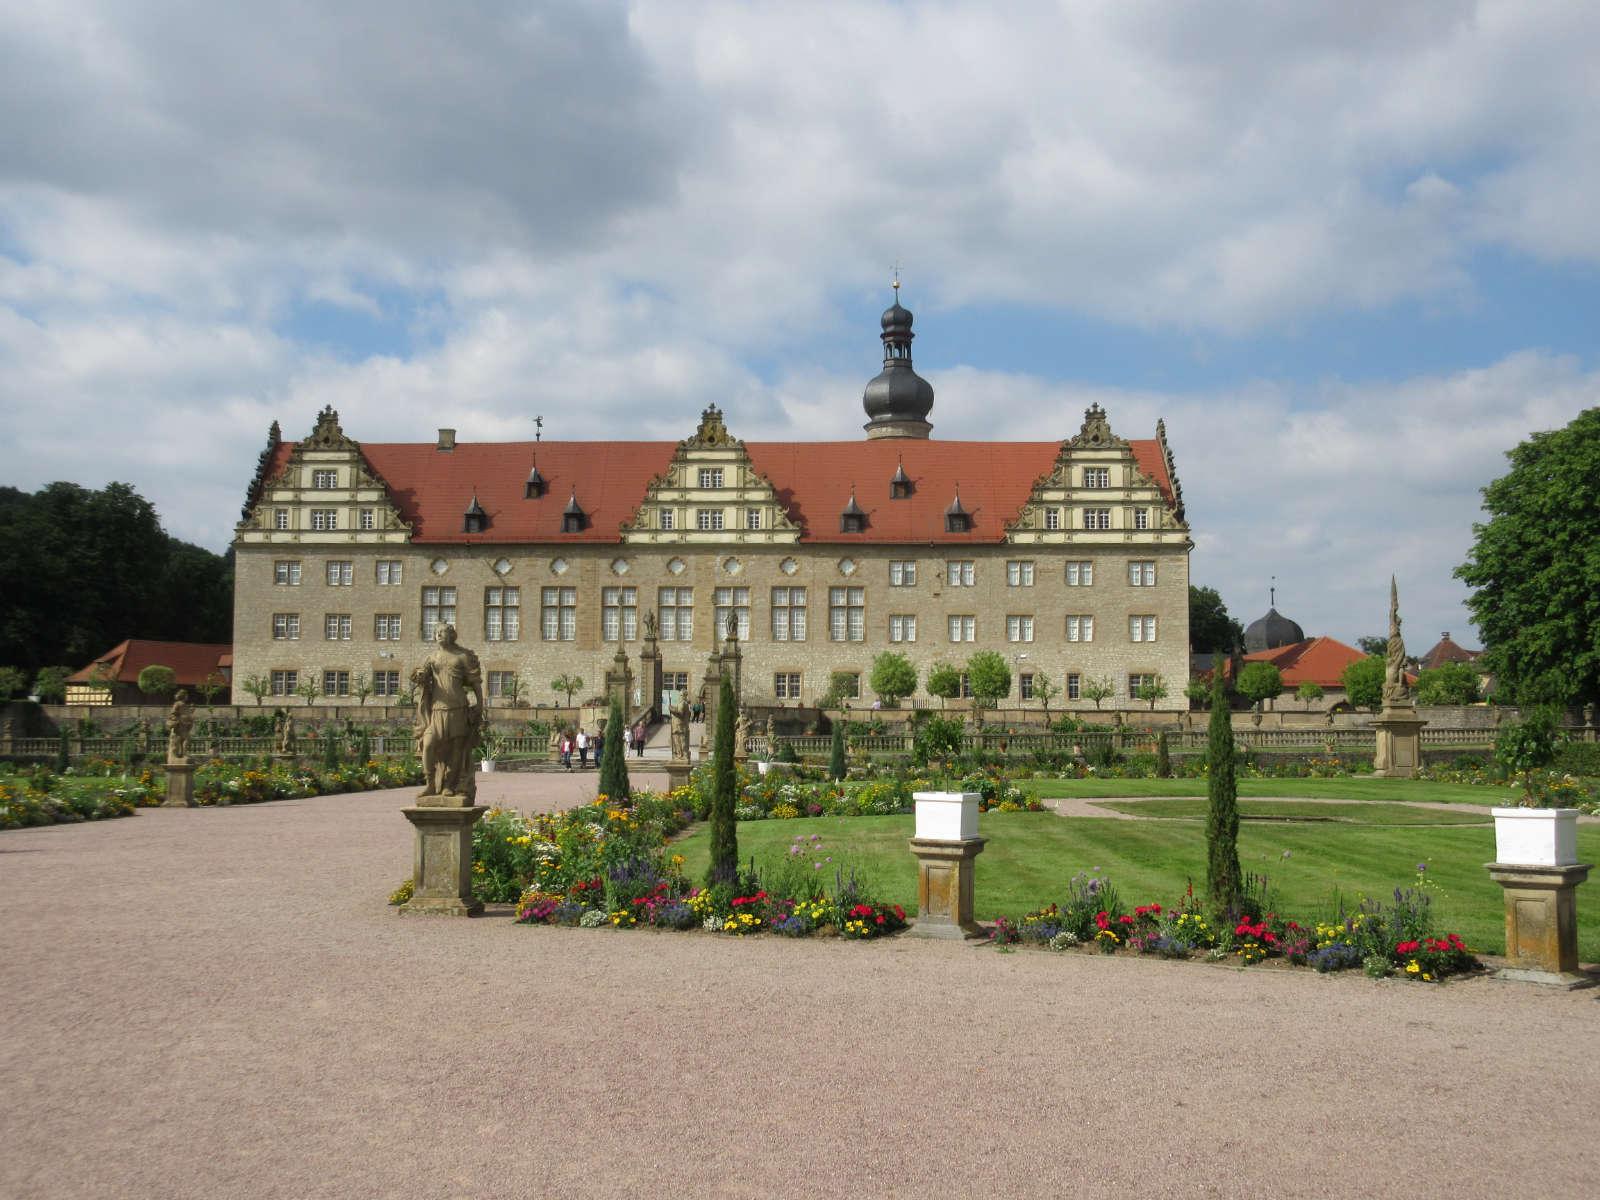 Ausflug nach Weikersheim